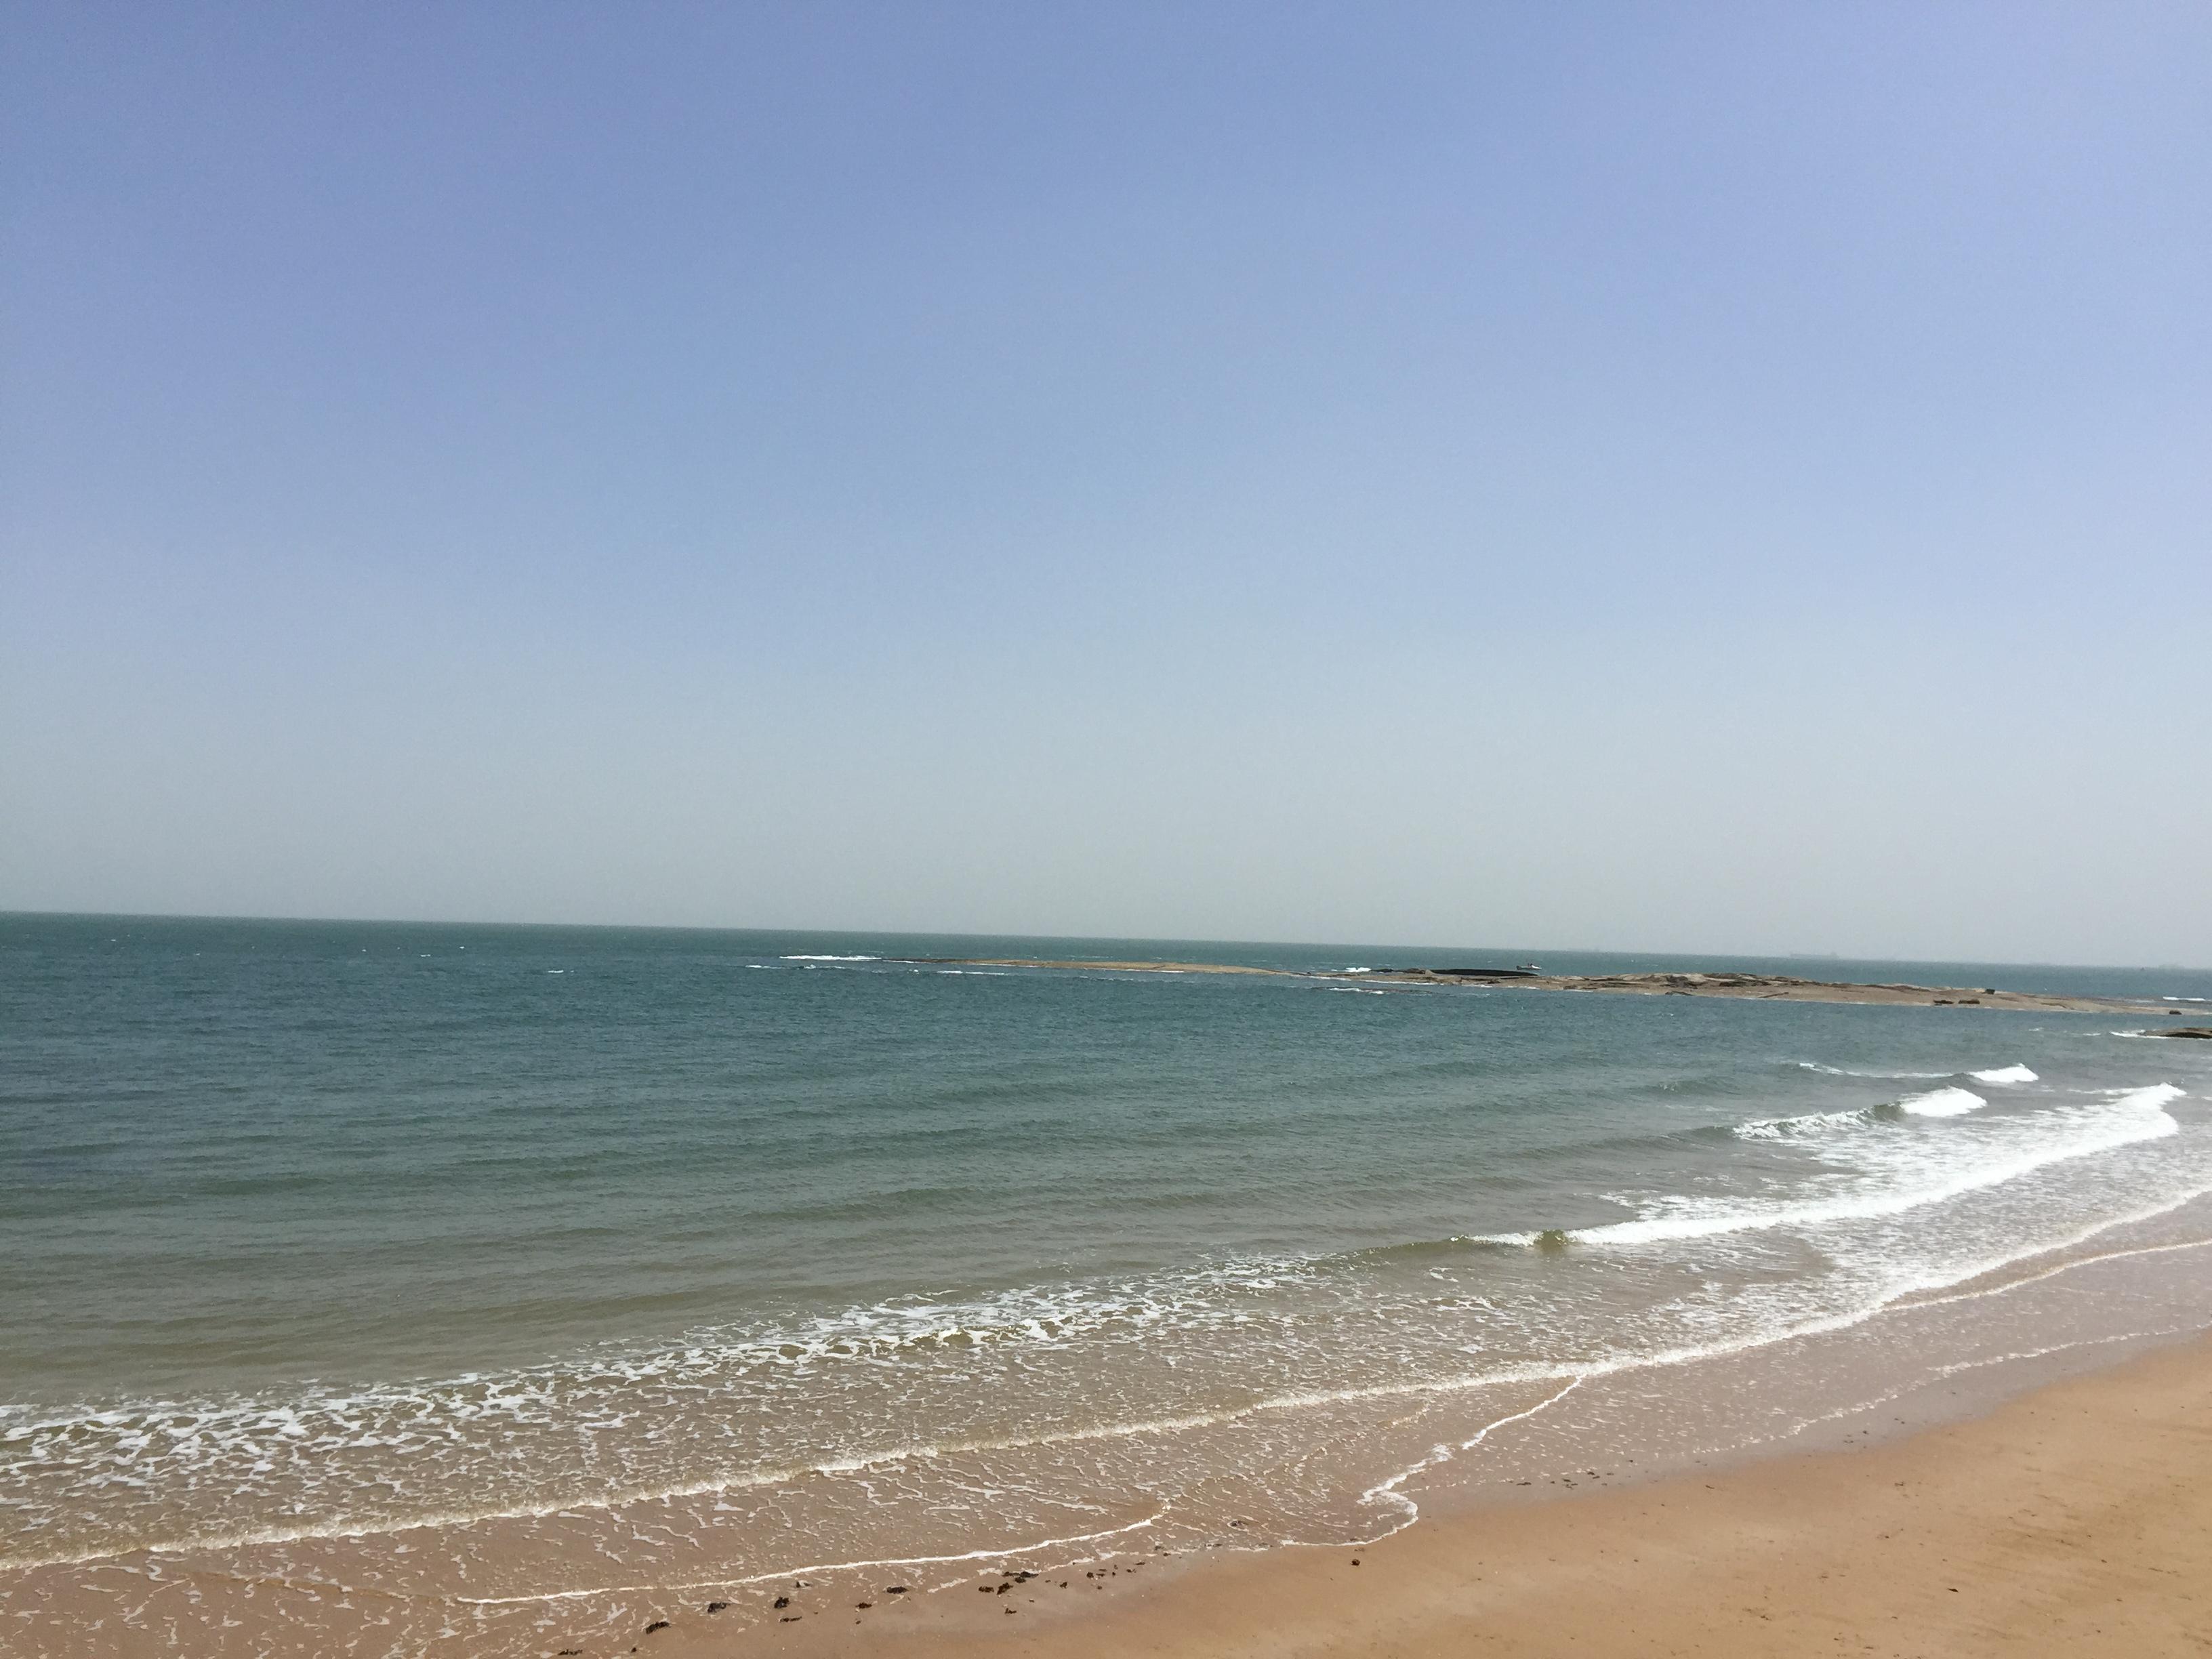 淄博旅行社出发:奇迹威海-------海驴岛 那香海 五星海景 沙滩汤泉度假两日游